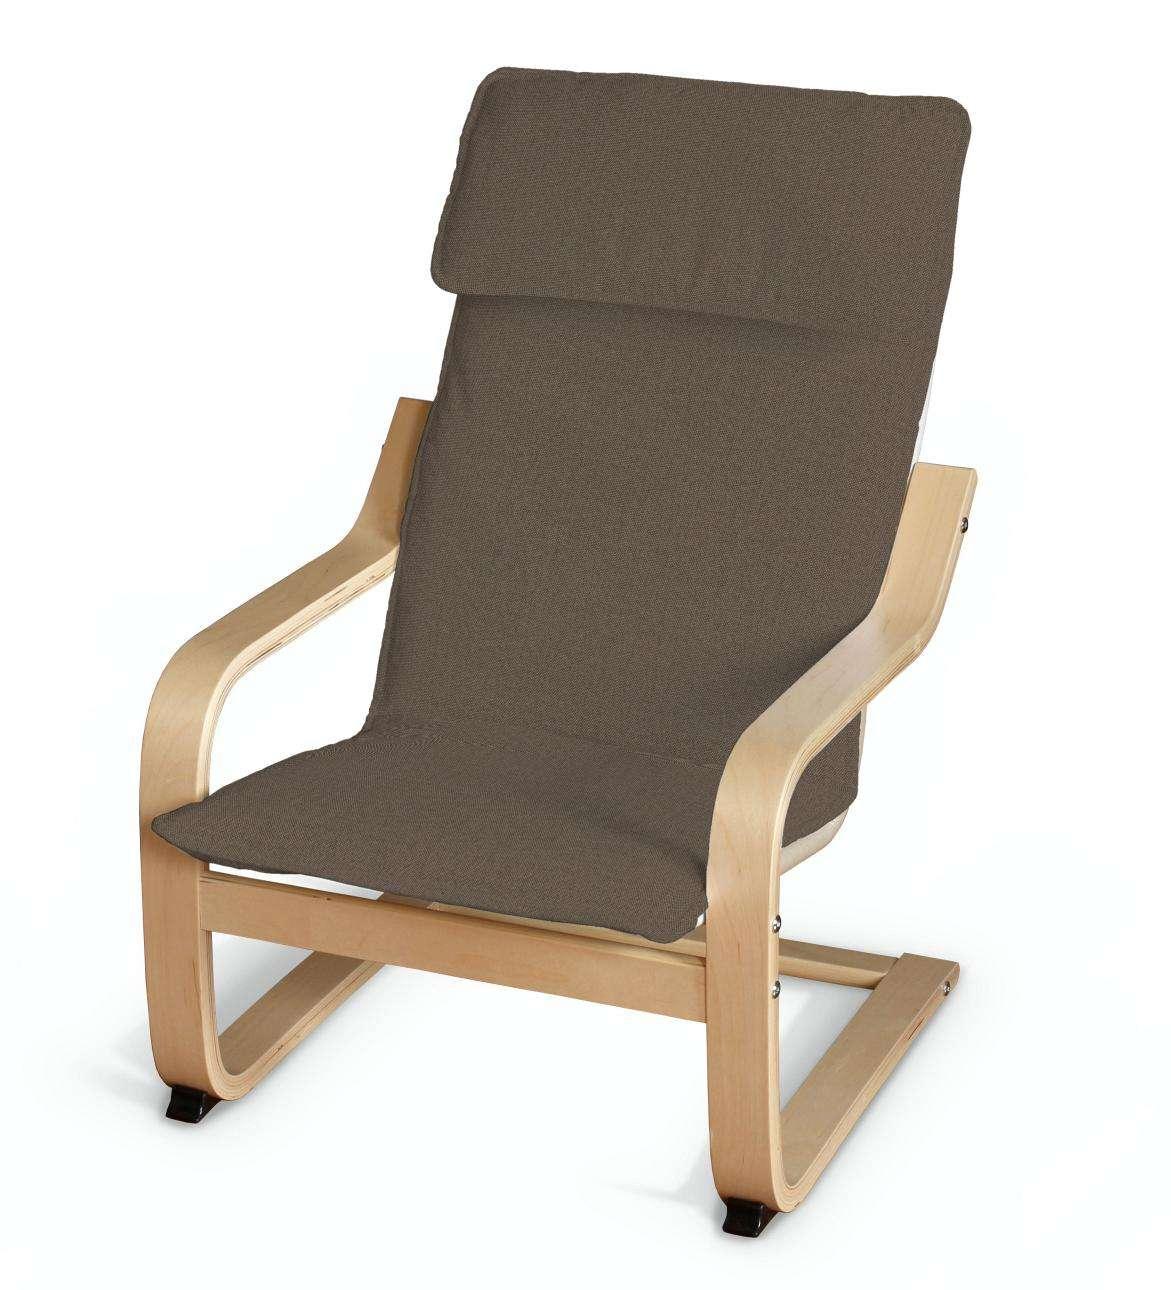 Poäng barnestol komplett stolpute fra kolleksjonen Etna - Ikke for gardiner, Stoffets bredde: 705-08